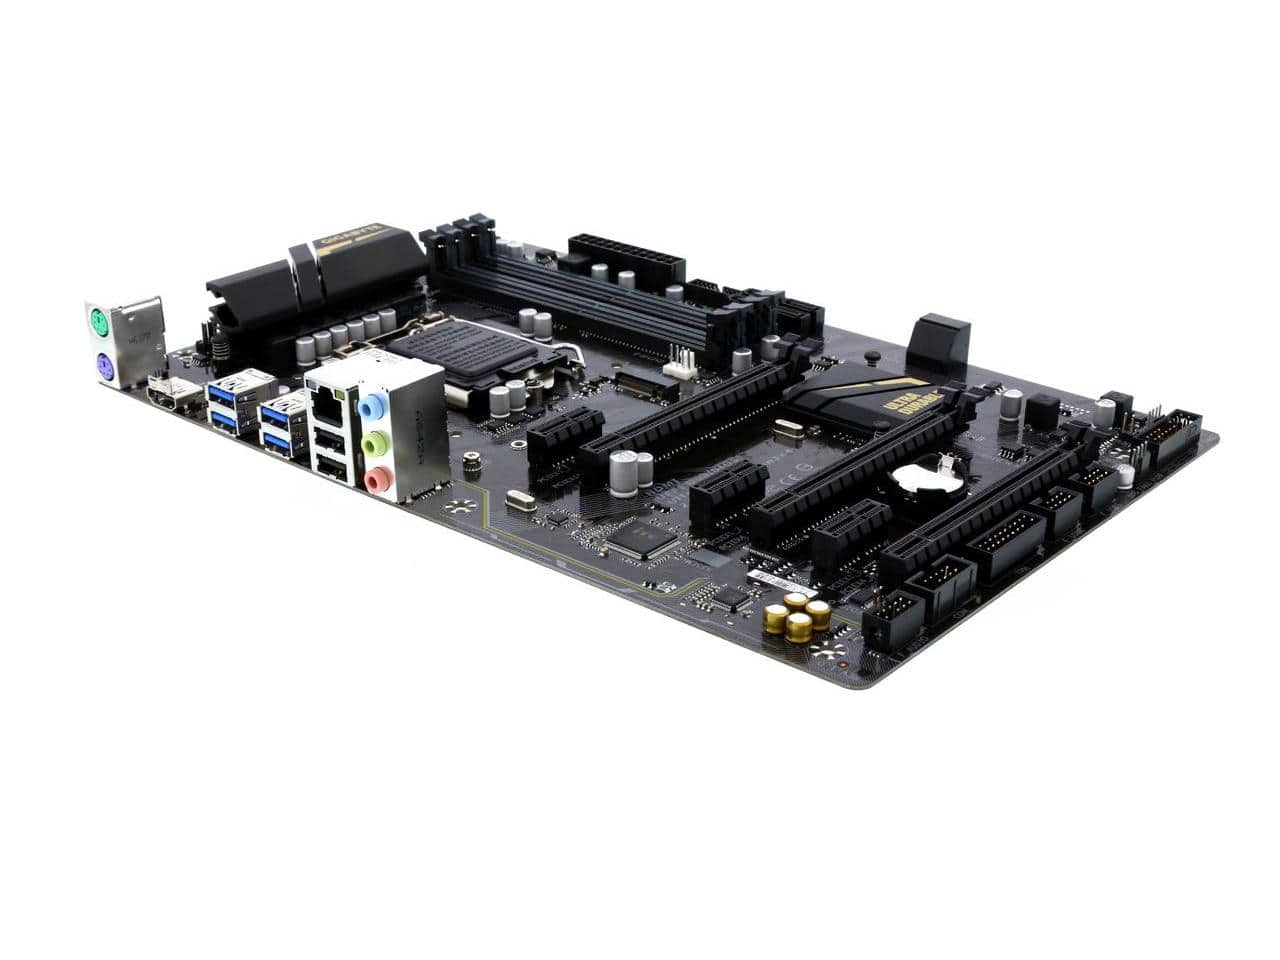 GIGABYTE GA-Z270P-D3 (rev. 1.0) LGA 1151 Intel Z270 ATX Motherboard for $85.99 AR,  MSI Z270 GAMING M3 LGA 1151 Intel Z270 ATX Motherboard for $119.99 AR + S&H & More @ Newegg.com